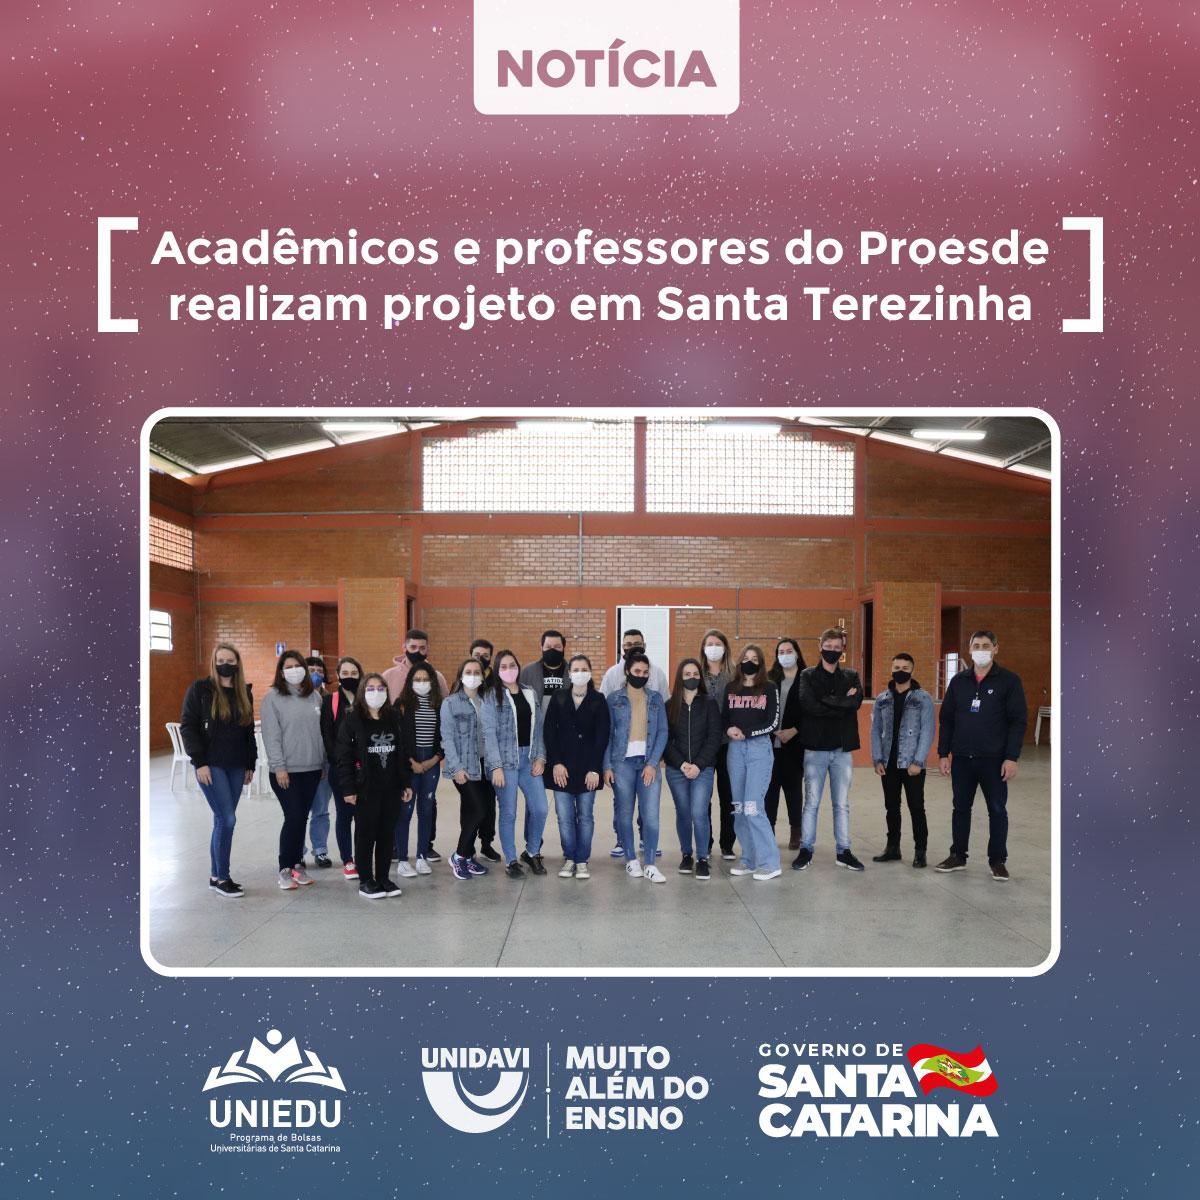 Acadêmicos e professores do Proesde realizam projeto em Santa Terezinha